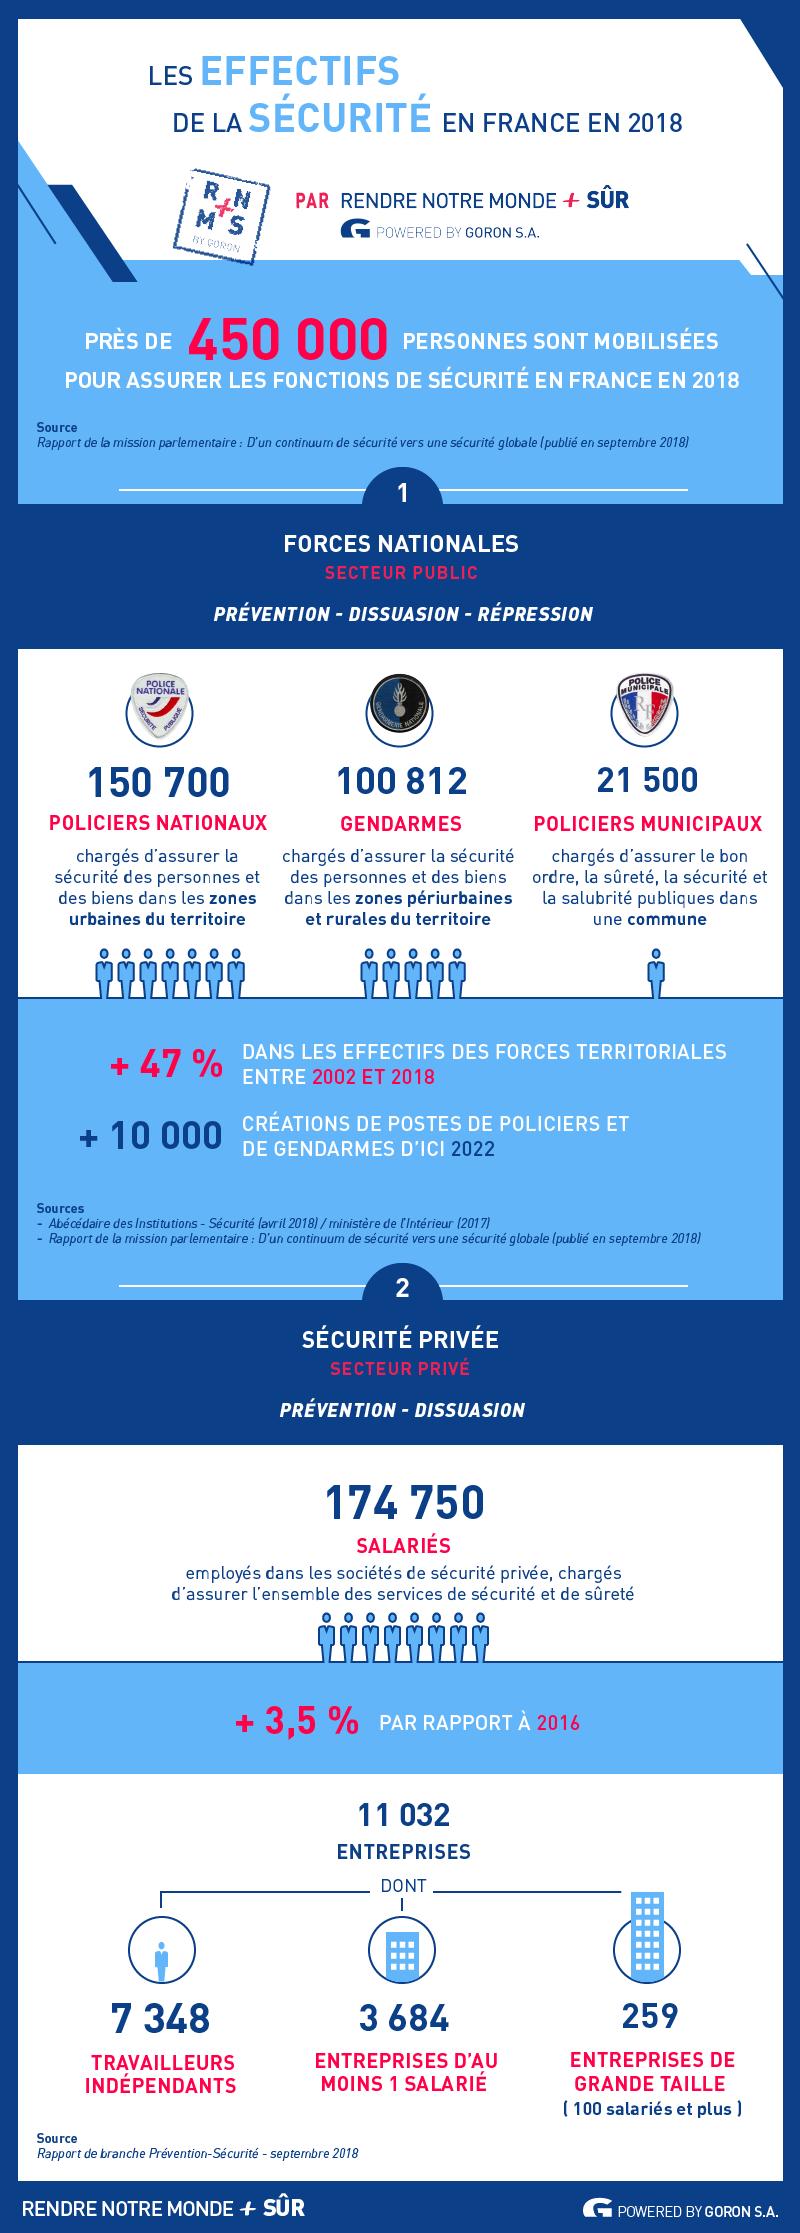 Les effectifs de la sécurité en France